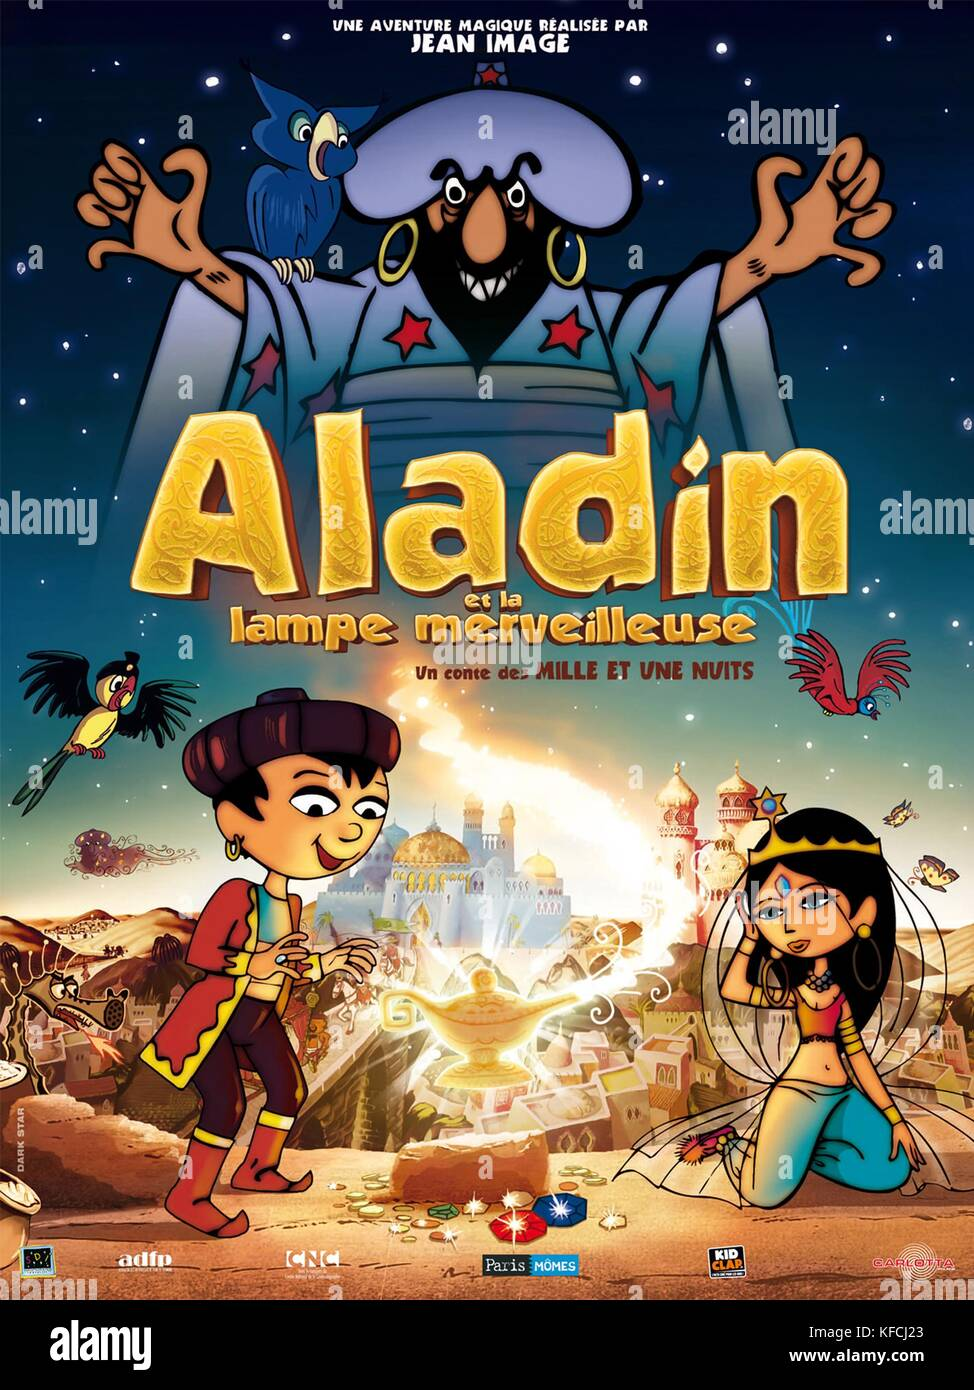 Aladin Et La Lampe Merveilleuse : aladin, lampe, merveilleuse, Aladin, Lampe, Merveilleuse, Stock, Photo, Alamy